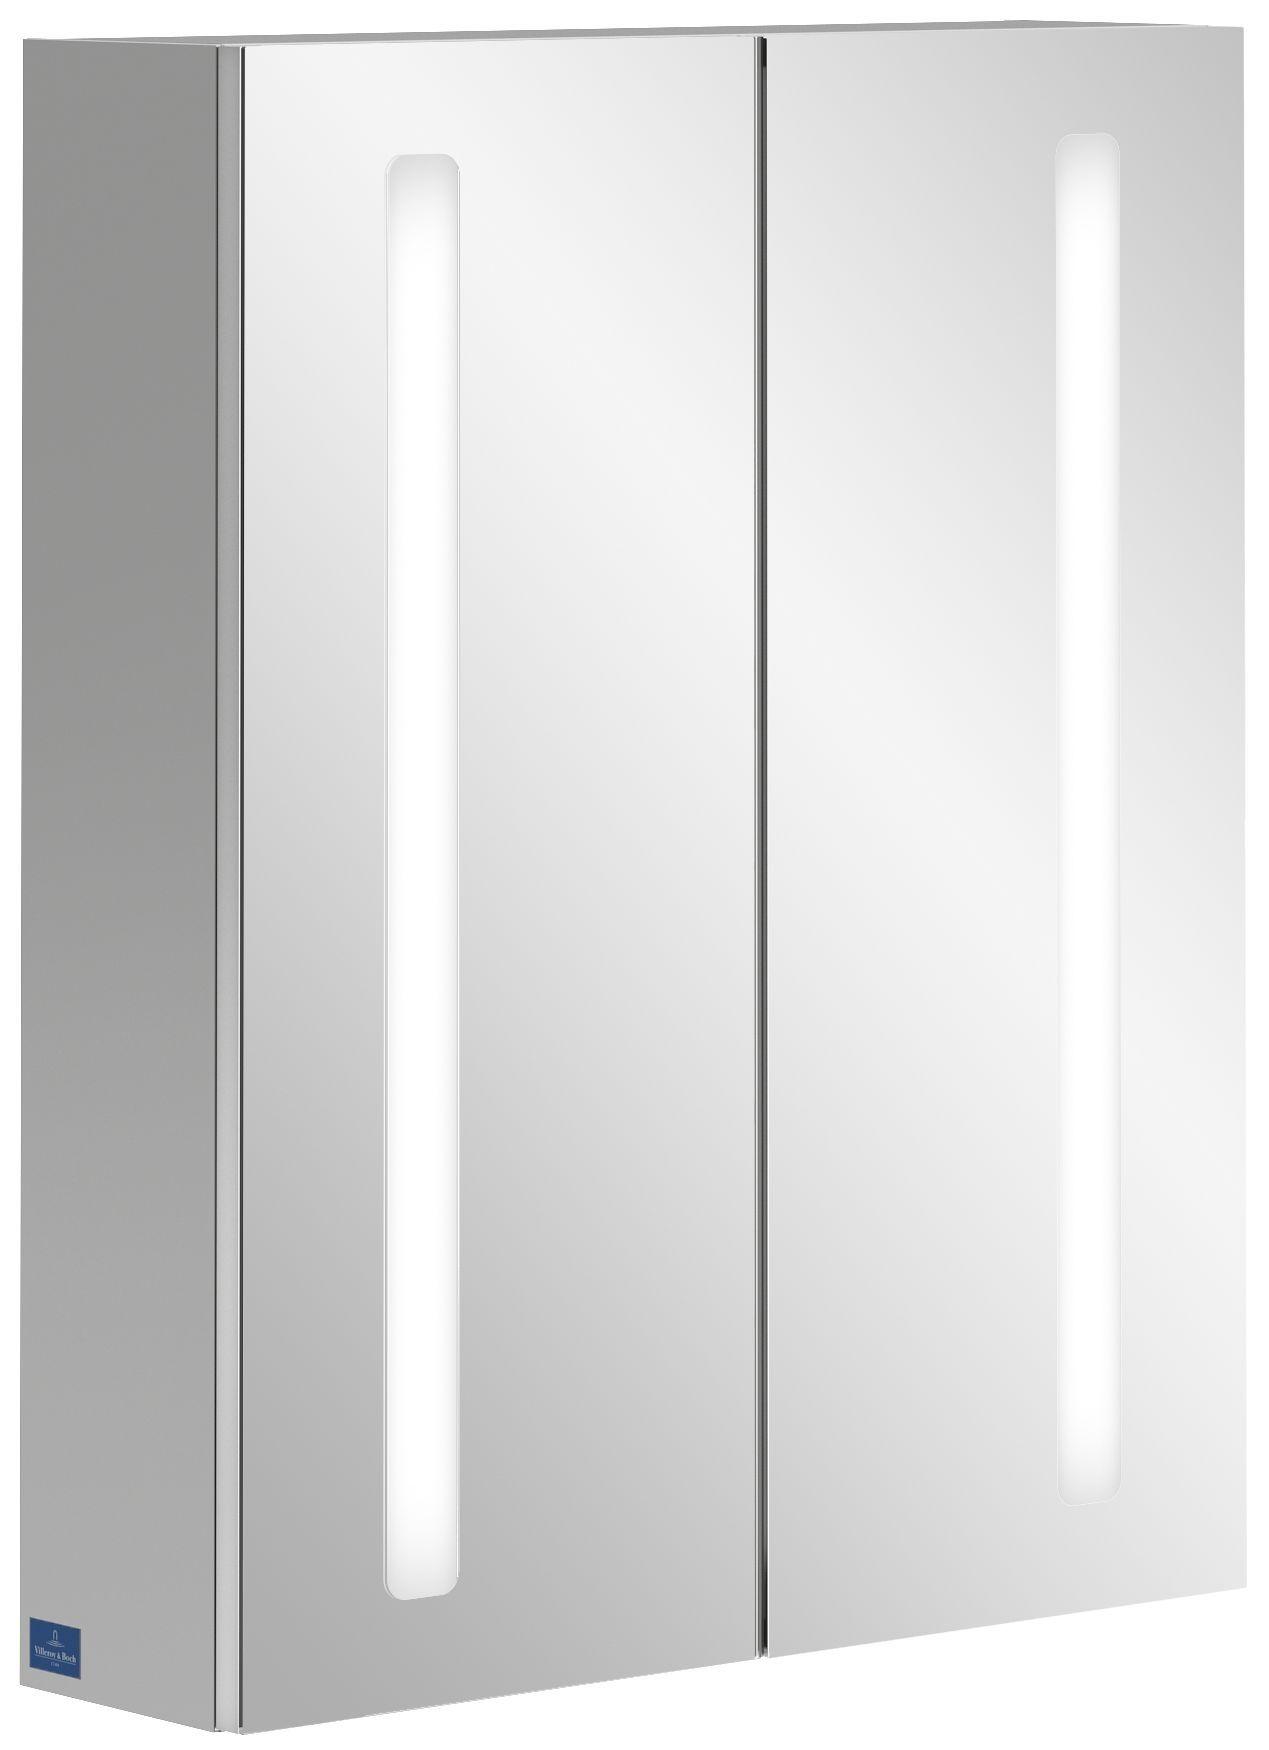 Villeroy & Boch My View 14+ Spiegelschrank mit integrierter LED Beleuchtung B:60xH:75xT:17,3cm A4336000